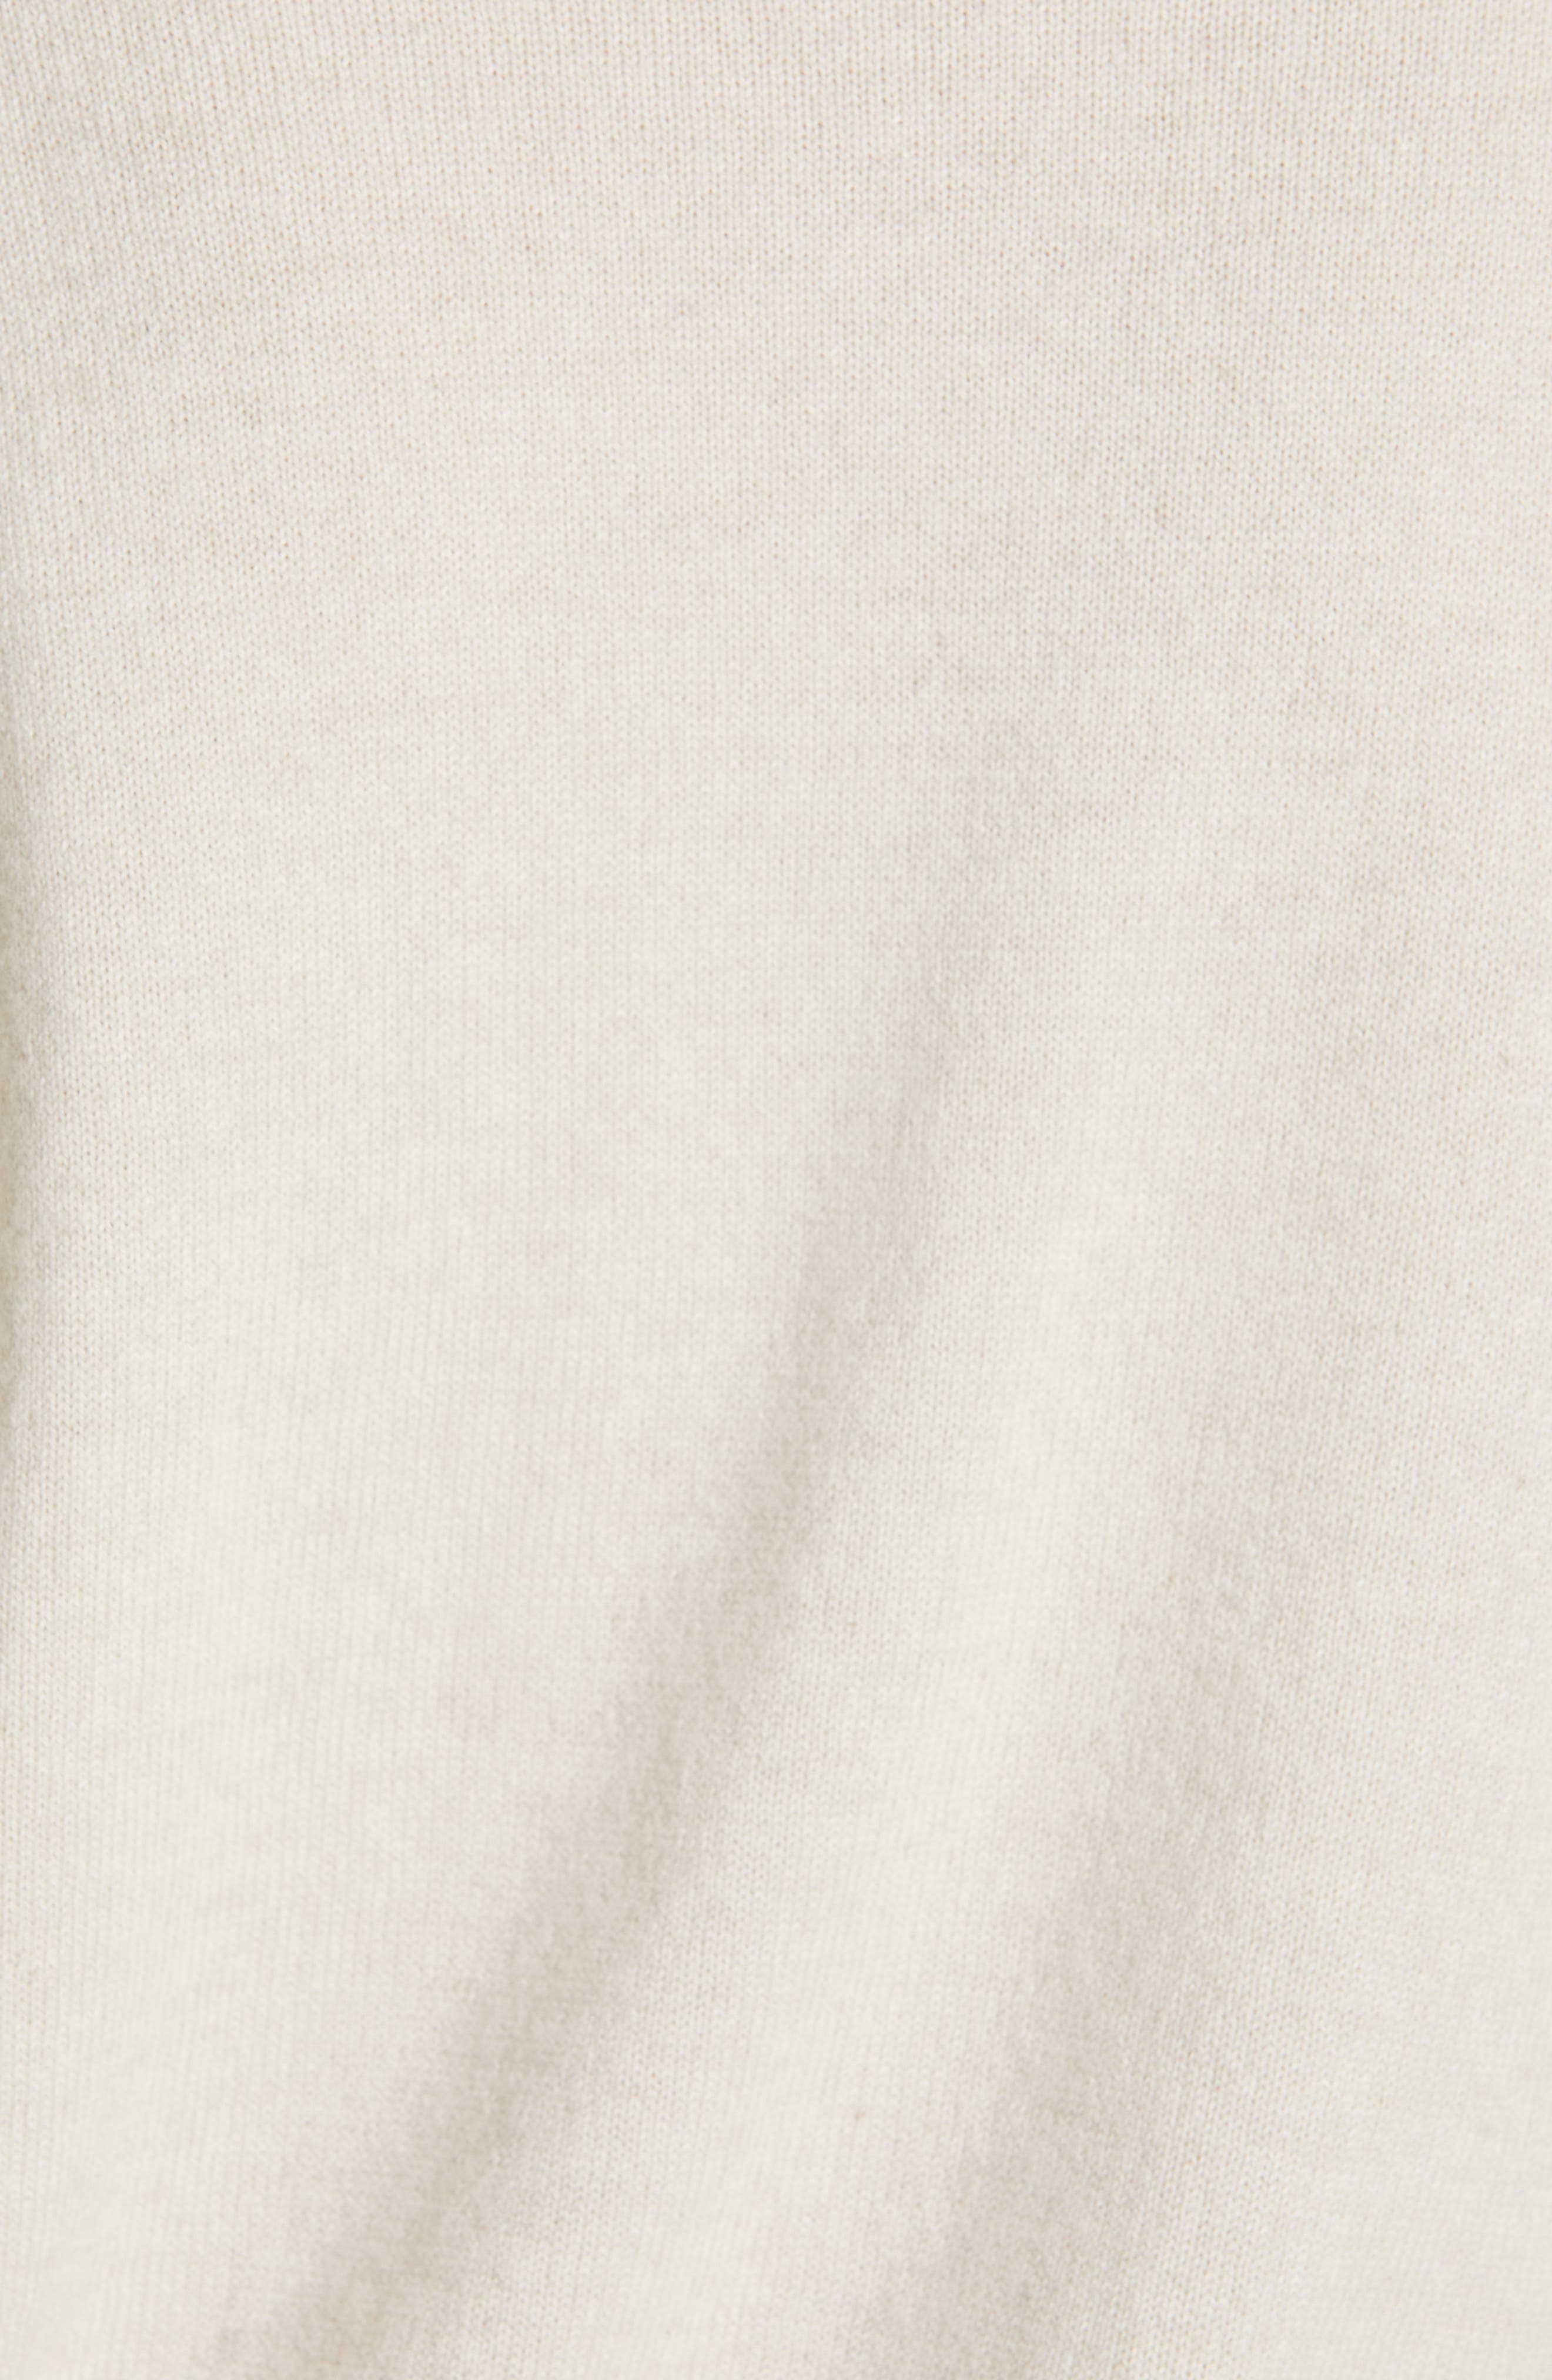 Monili Patchwork Cashmere Sweater,                             Alternate thumbnail 5, color,                             BUTTERMILK